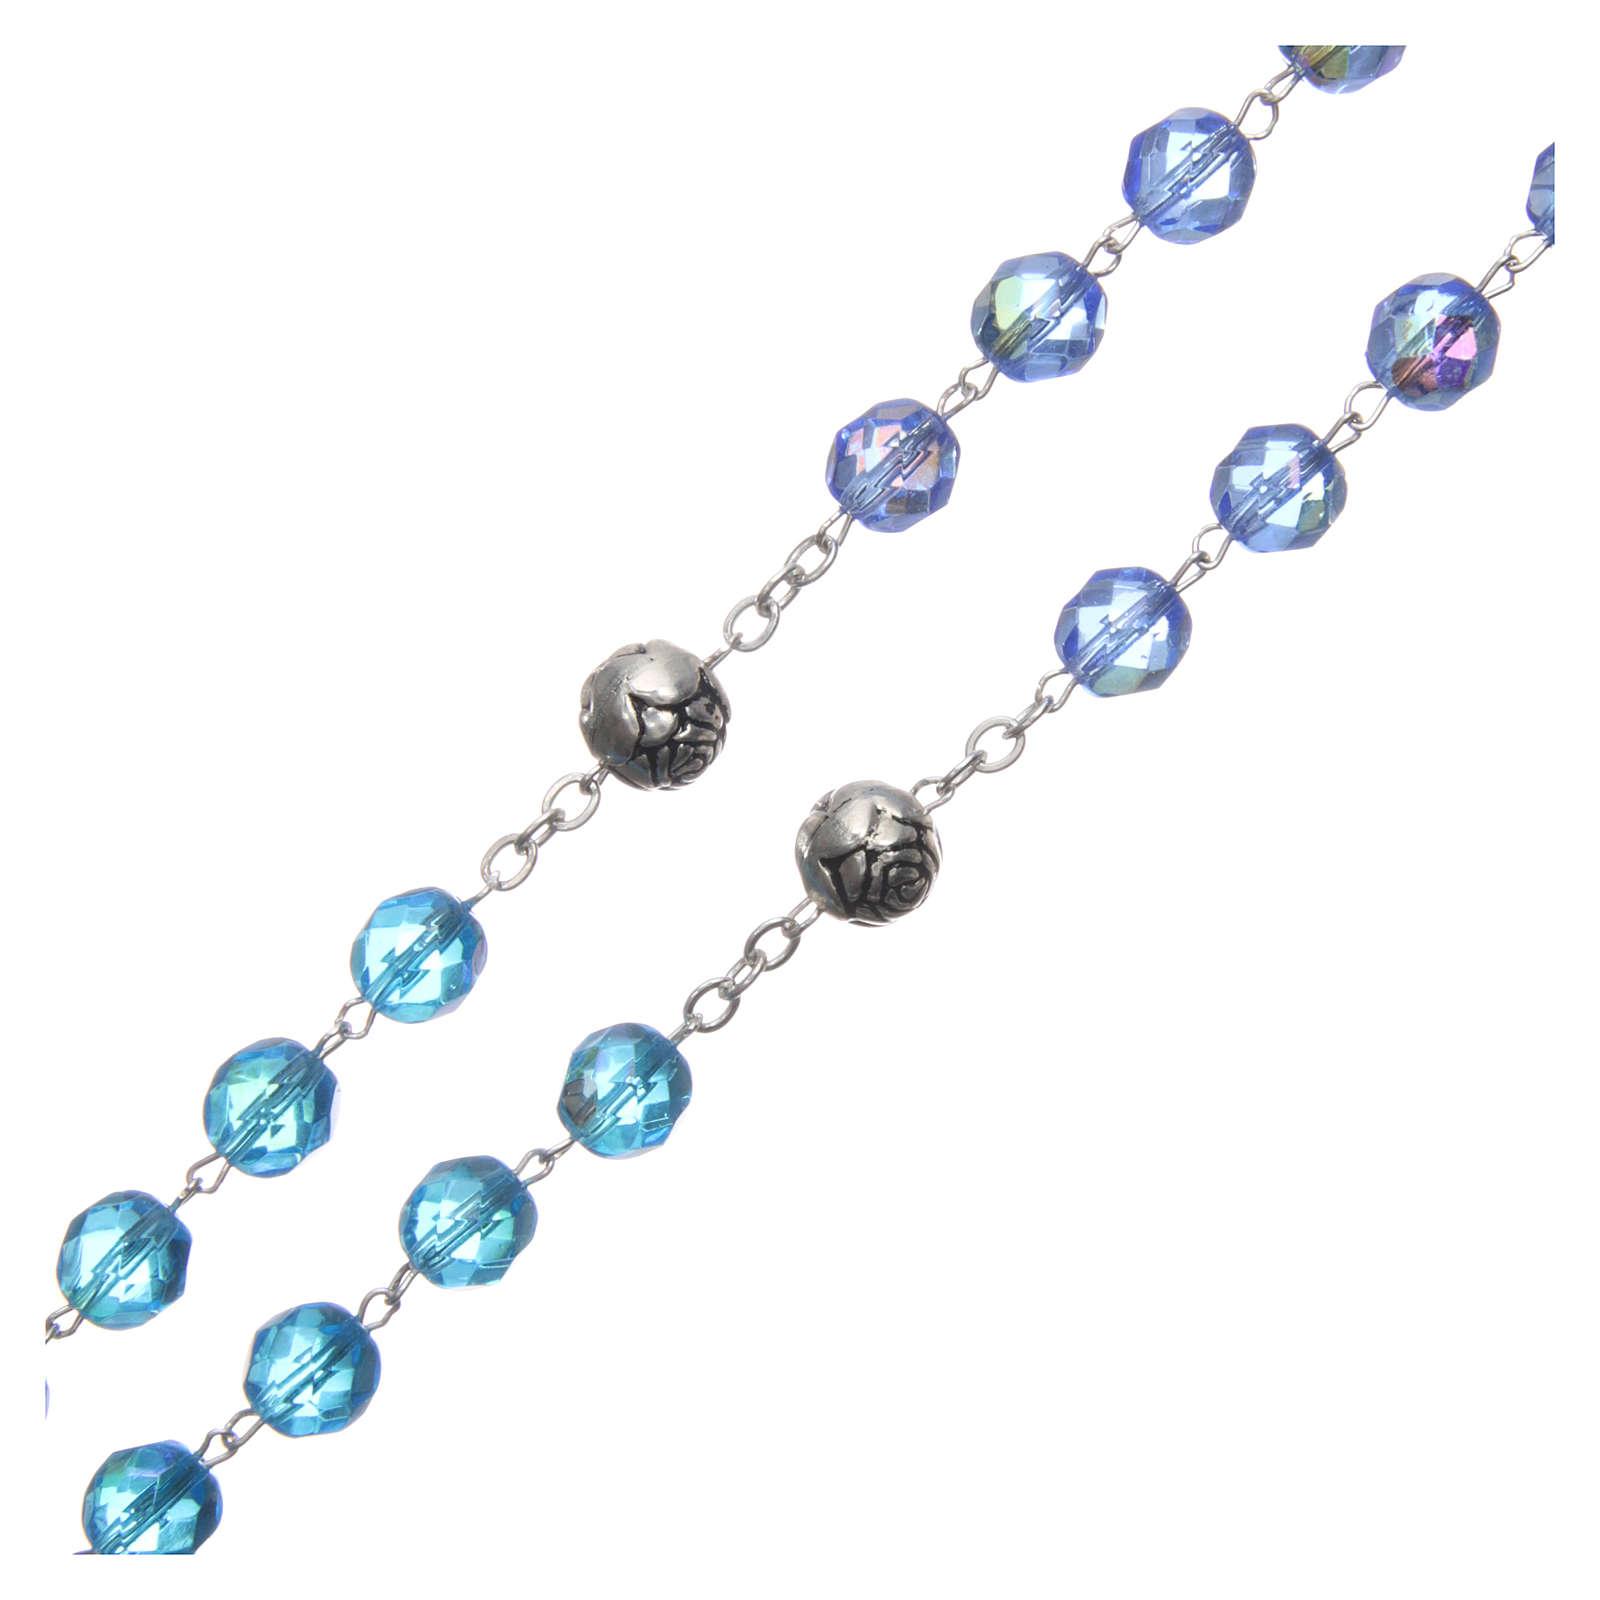 Chapelet cristal nuances bleu médaille parlante FRA 8 mm 4